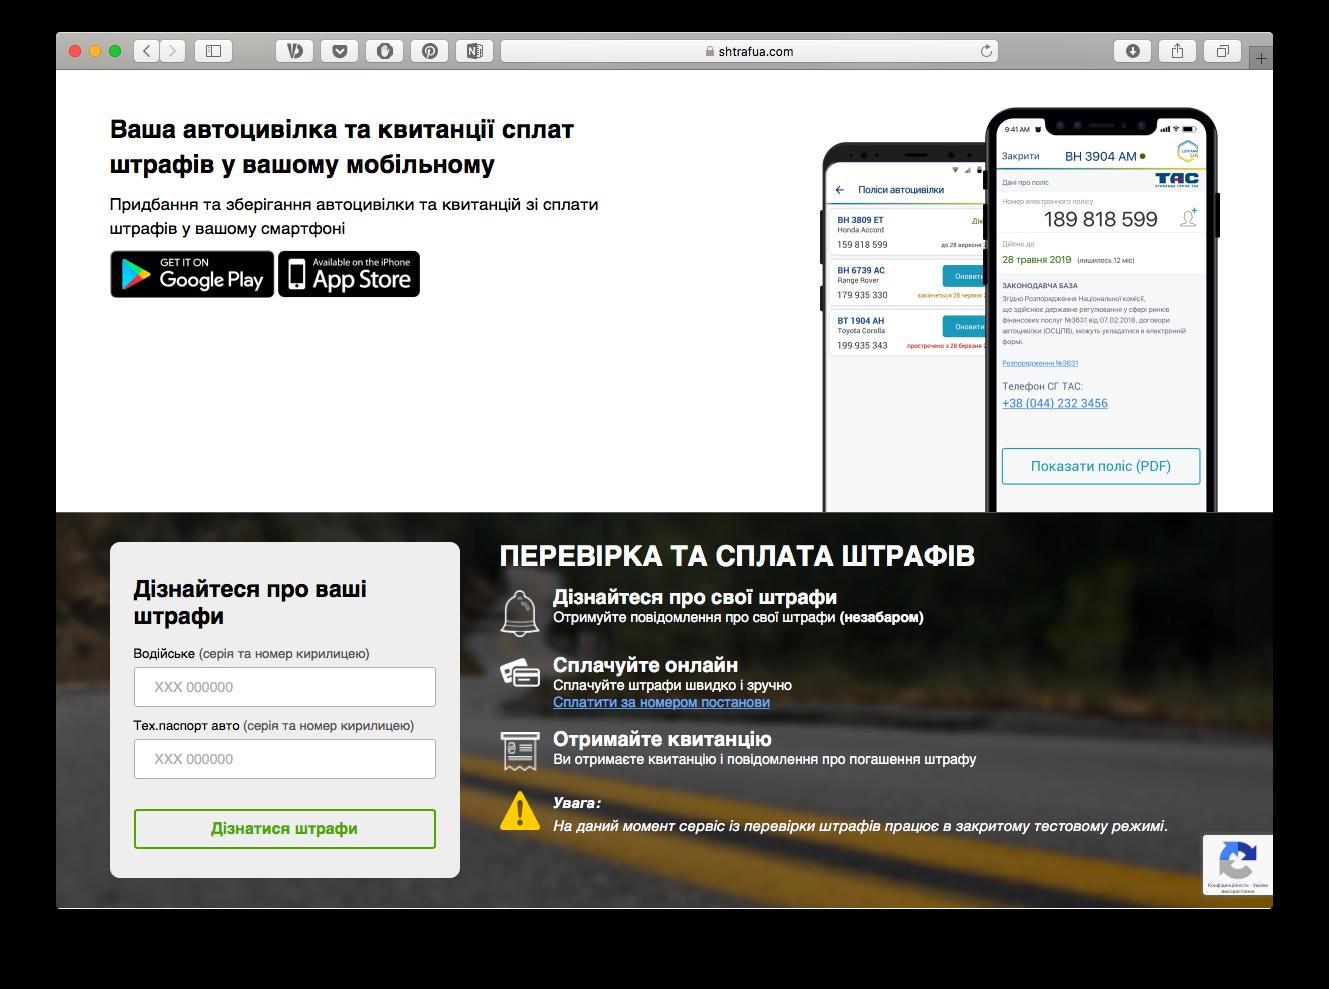 Ukraїnci vidteper možuť kupuvaty avtostrahuvannja zi smartfonu